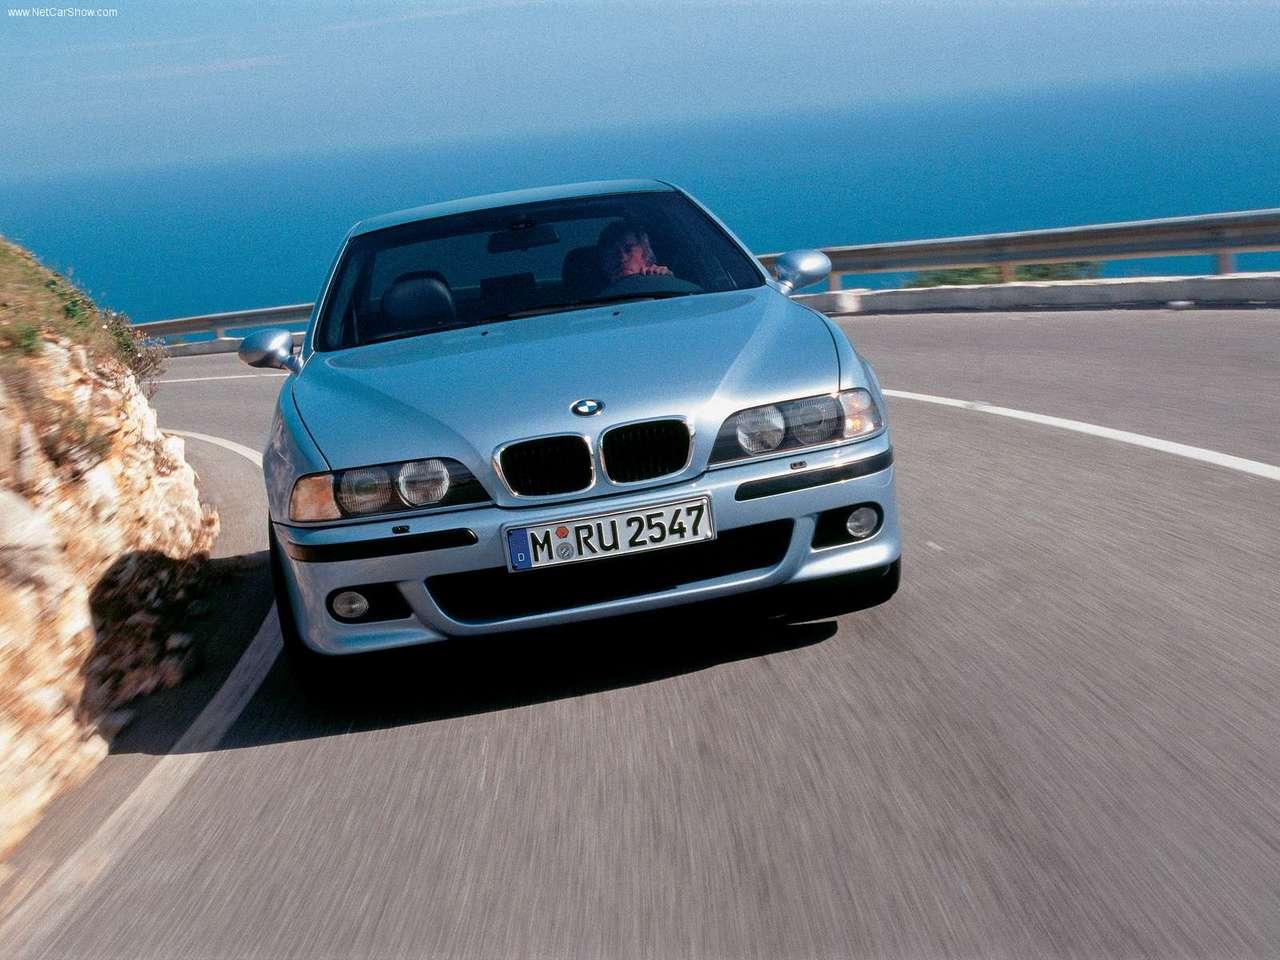 http://1.bp.blogspot.com/_xhqjRo6NERQ/S68mB-7g8wI/AAAAAAAAGdk/33_TVFHmPdc/s1600/BMW-M5_2001_1280x960_wallpaper_01.jpg